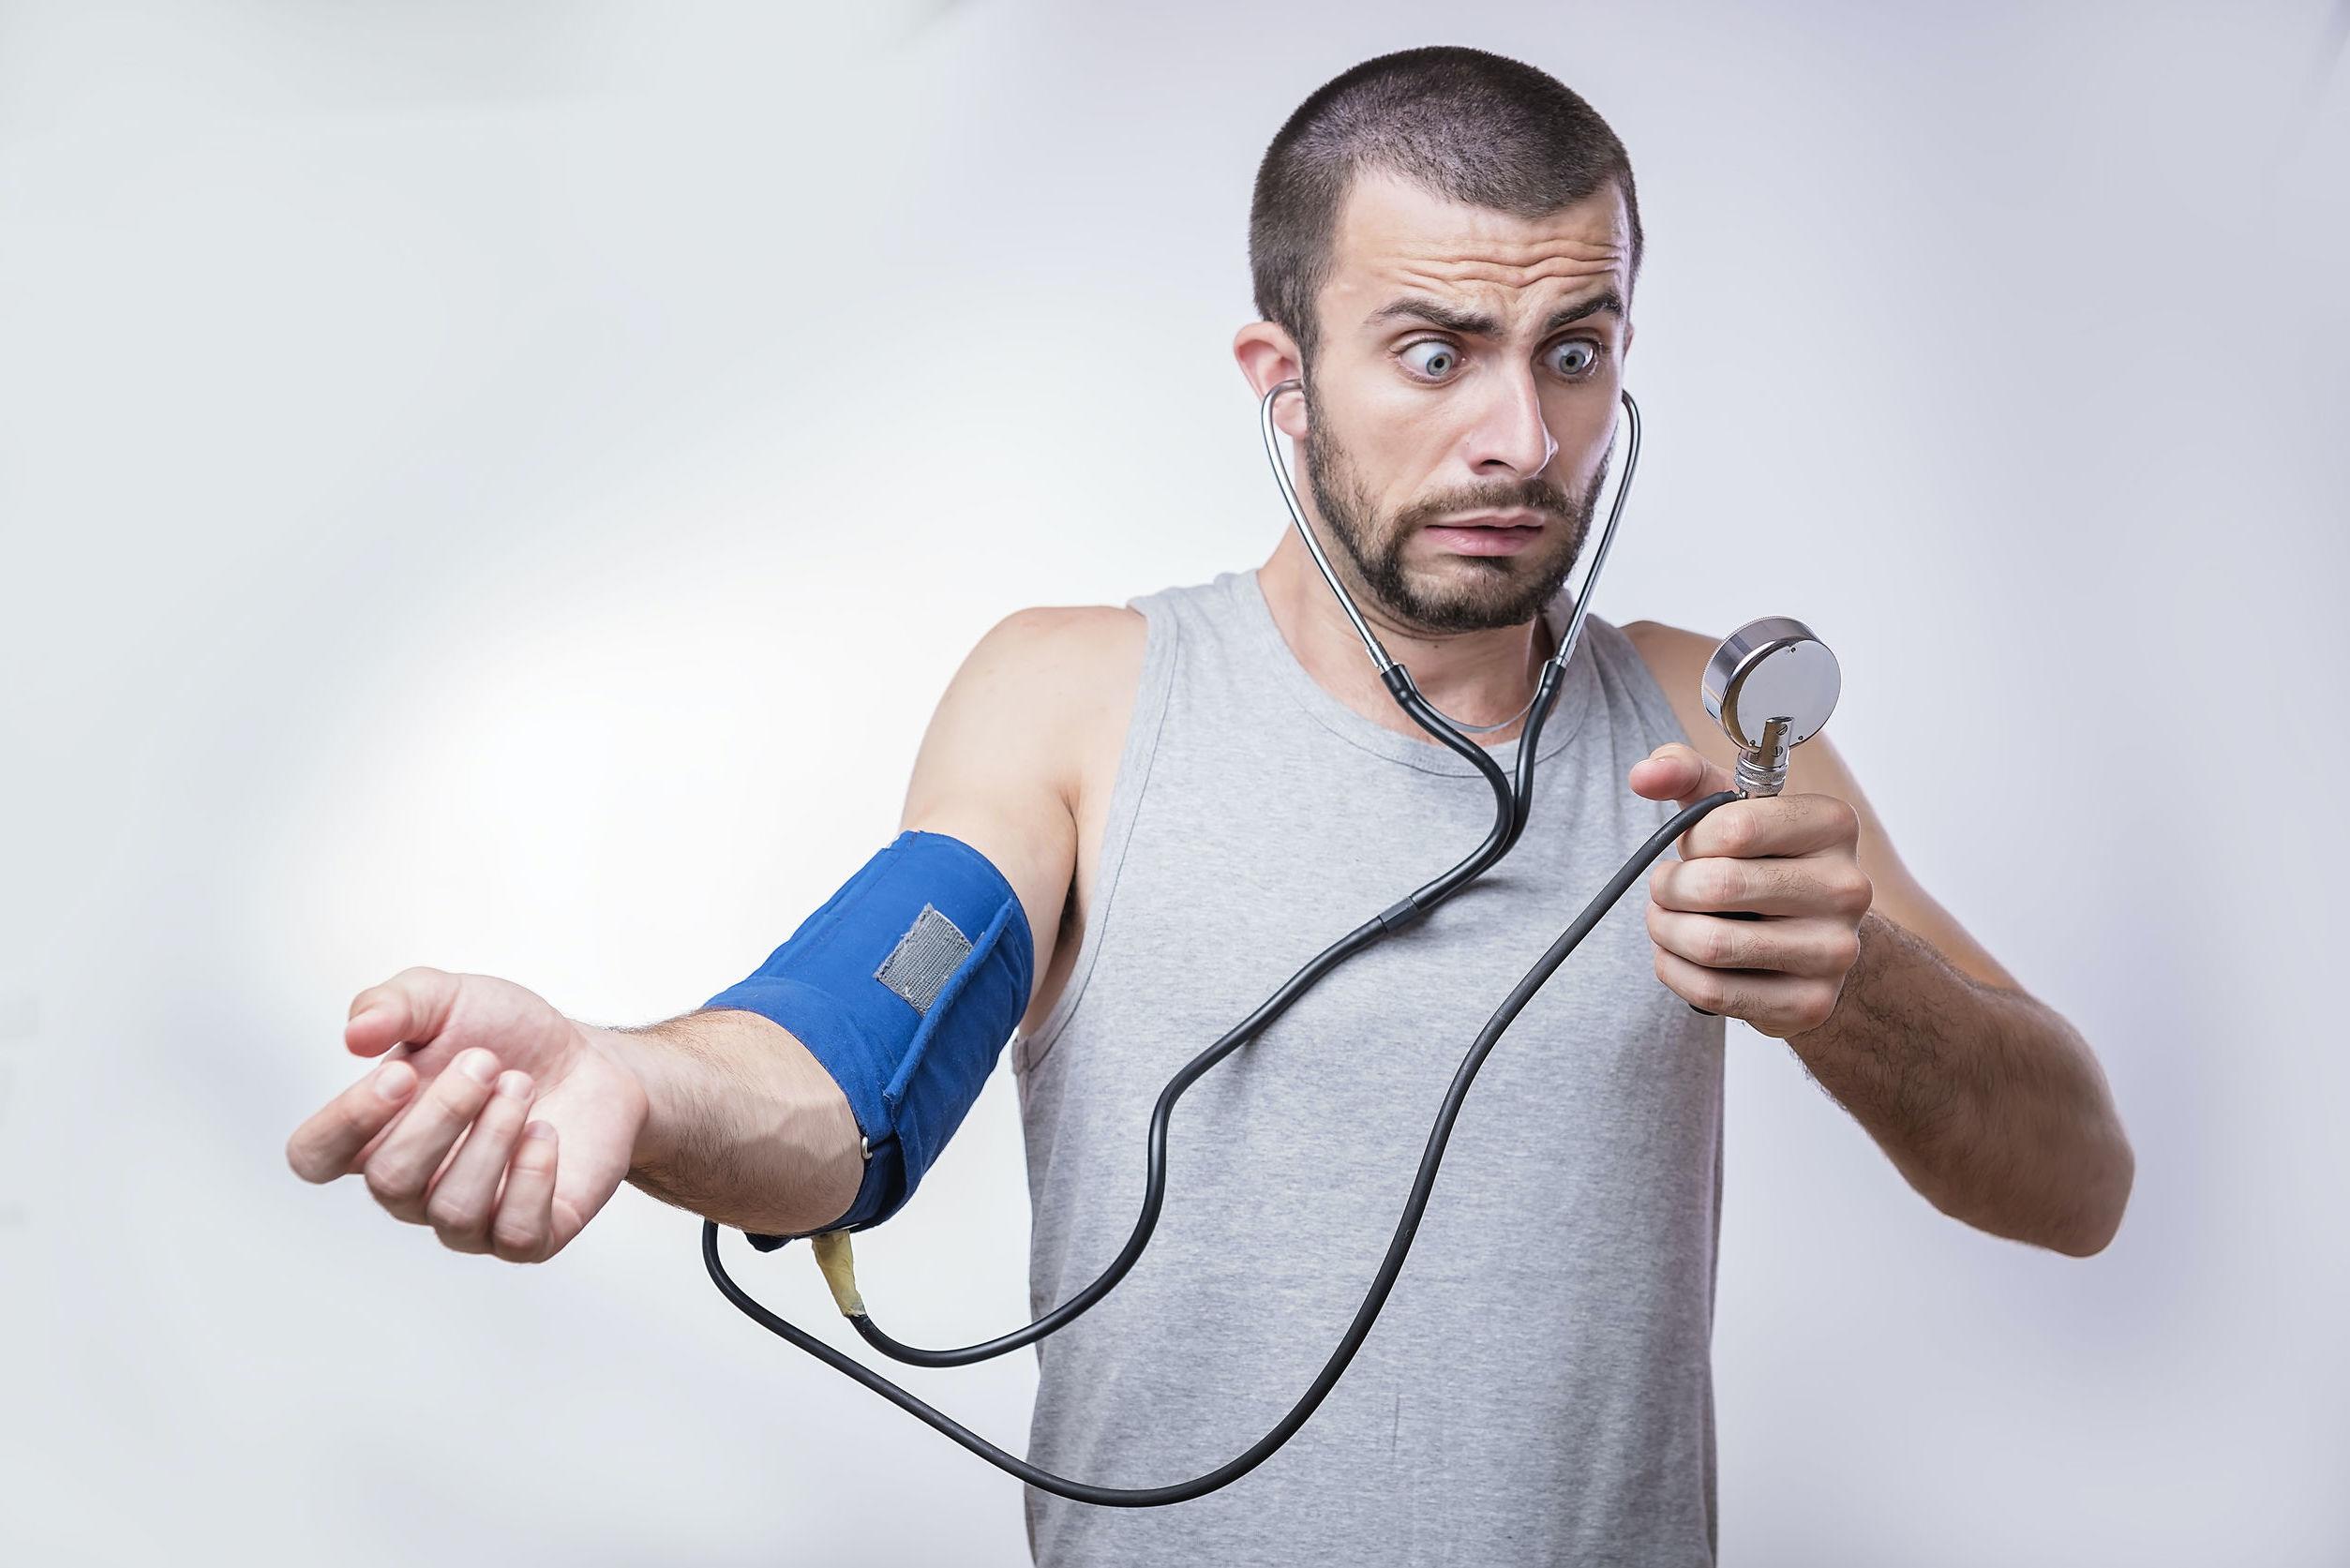 rossz közérzet magas vérnyomás esetén